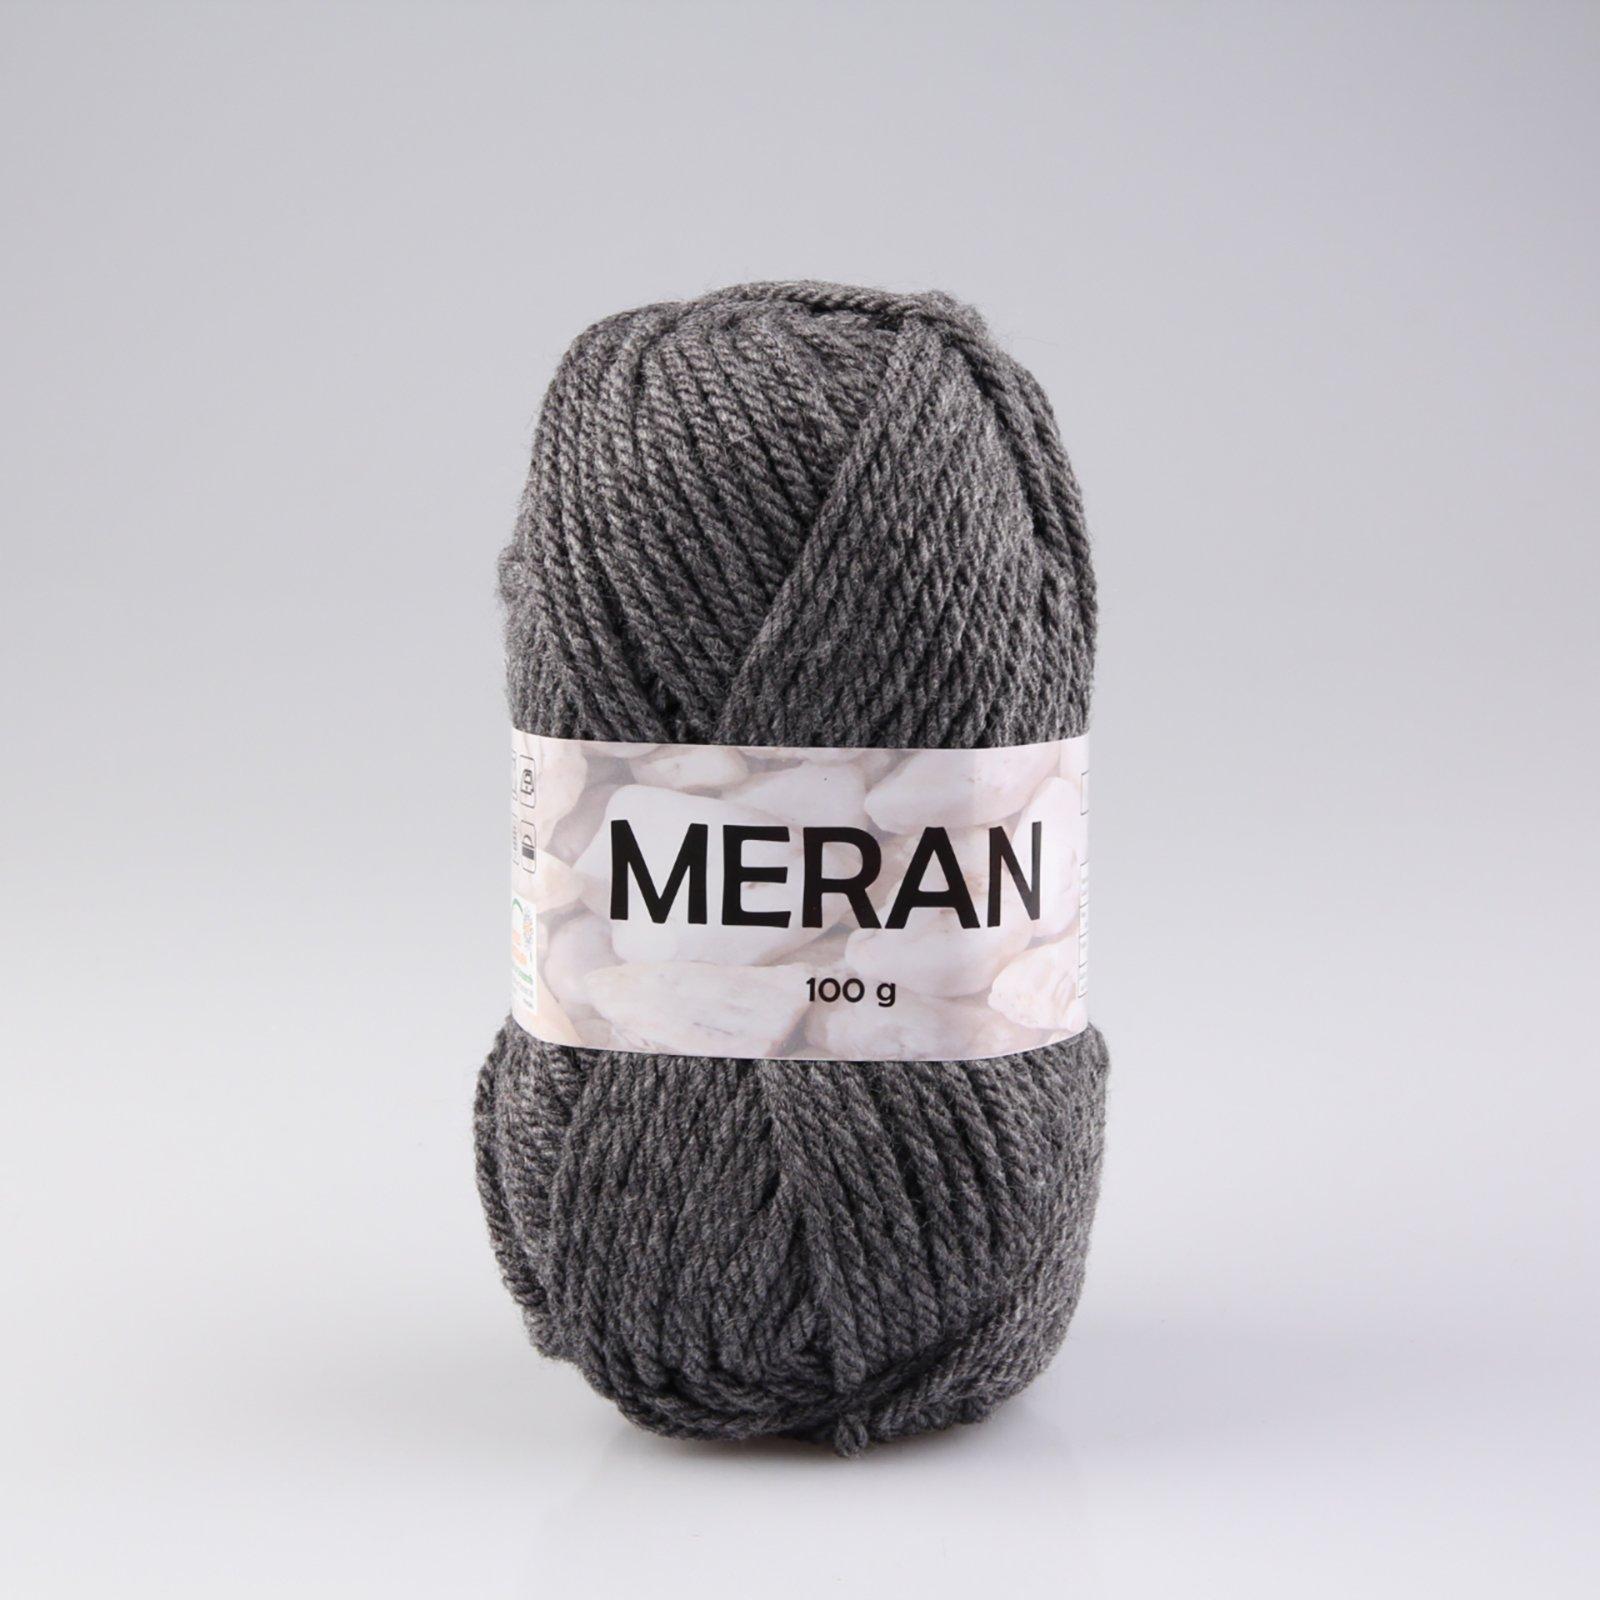 Wolle MERAN - anthrazit - 100g